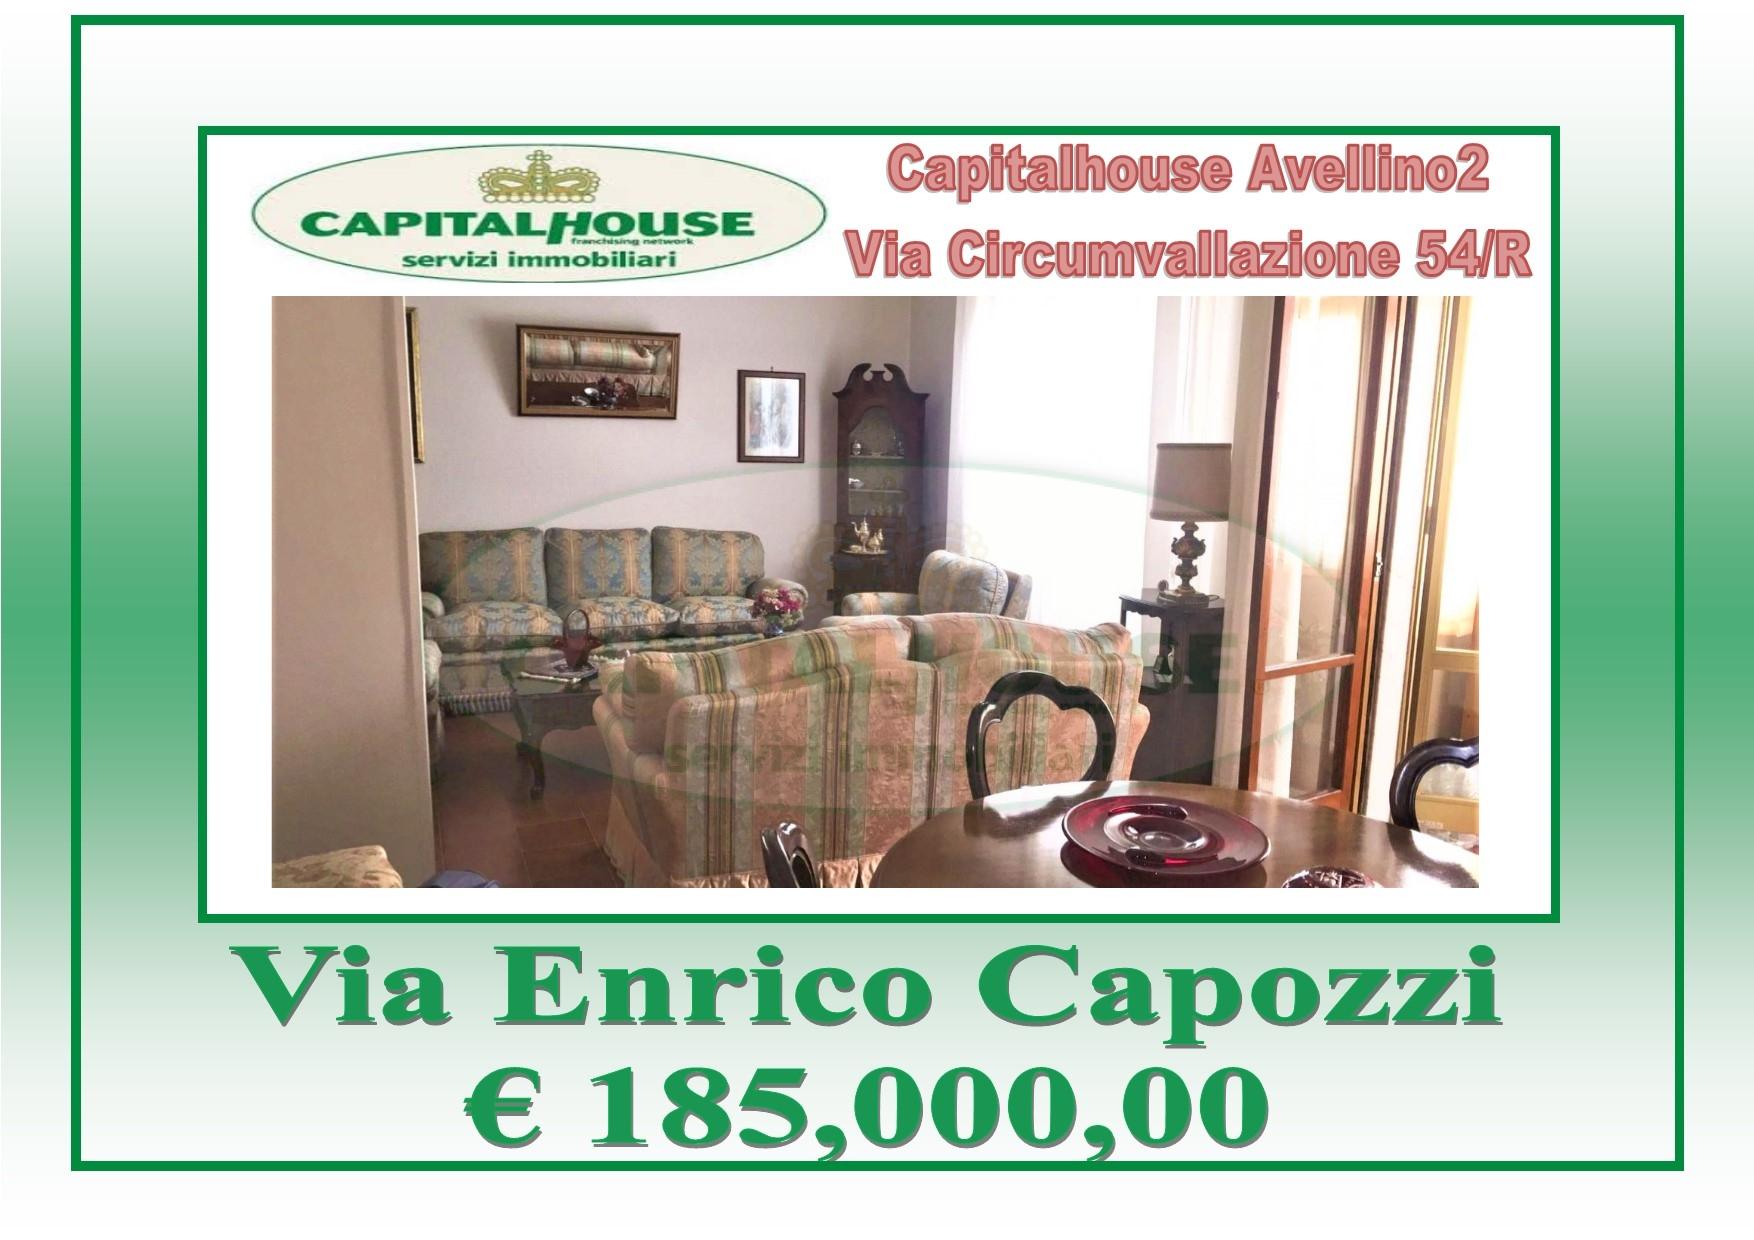 Appartamento in vendita a Avellino, 4 locali, zona Zona: Semicentro, prezzo € 185.000 | CambioCasa.it